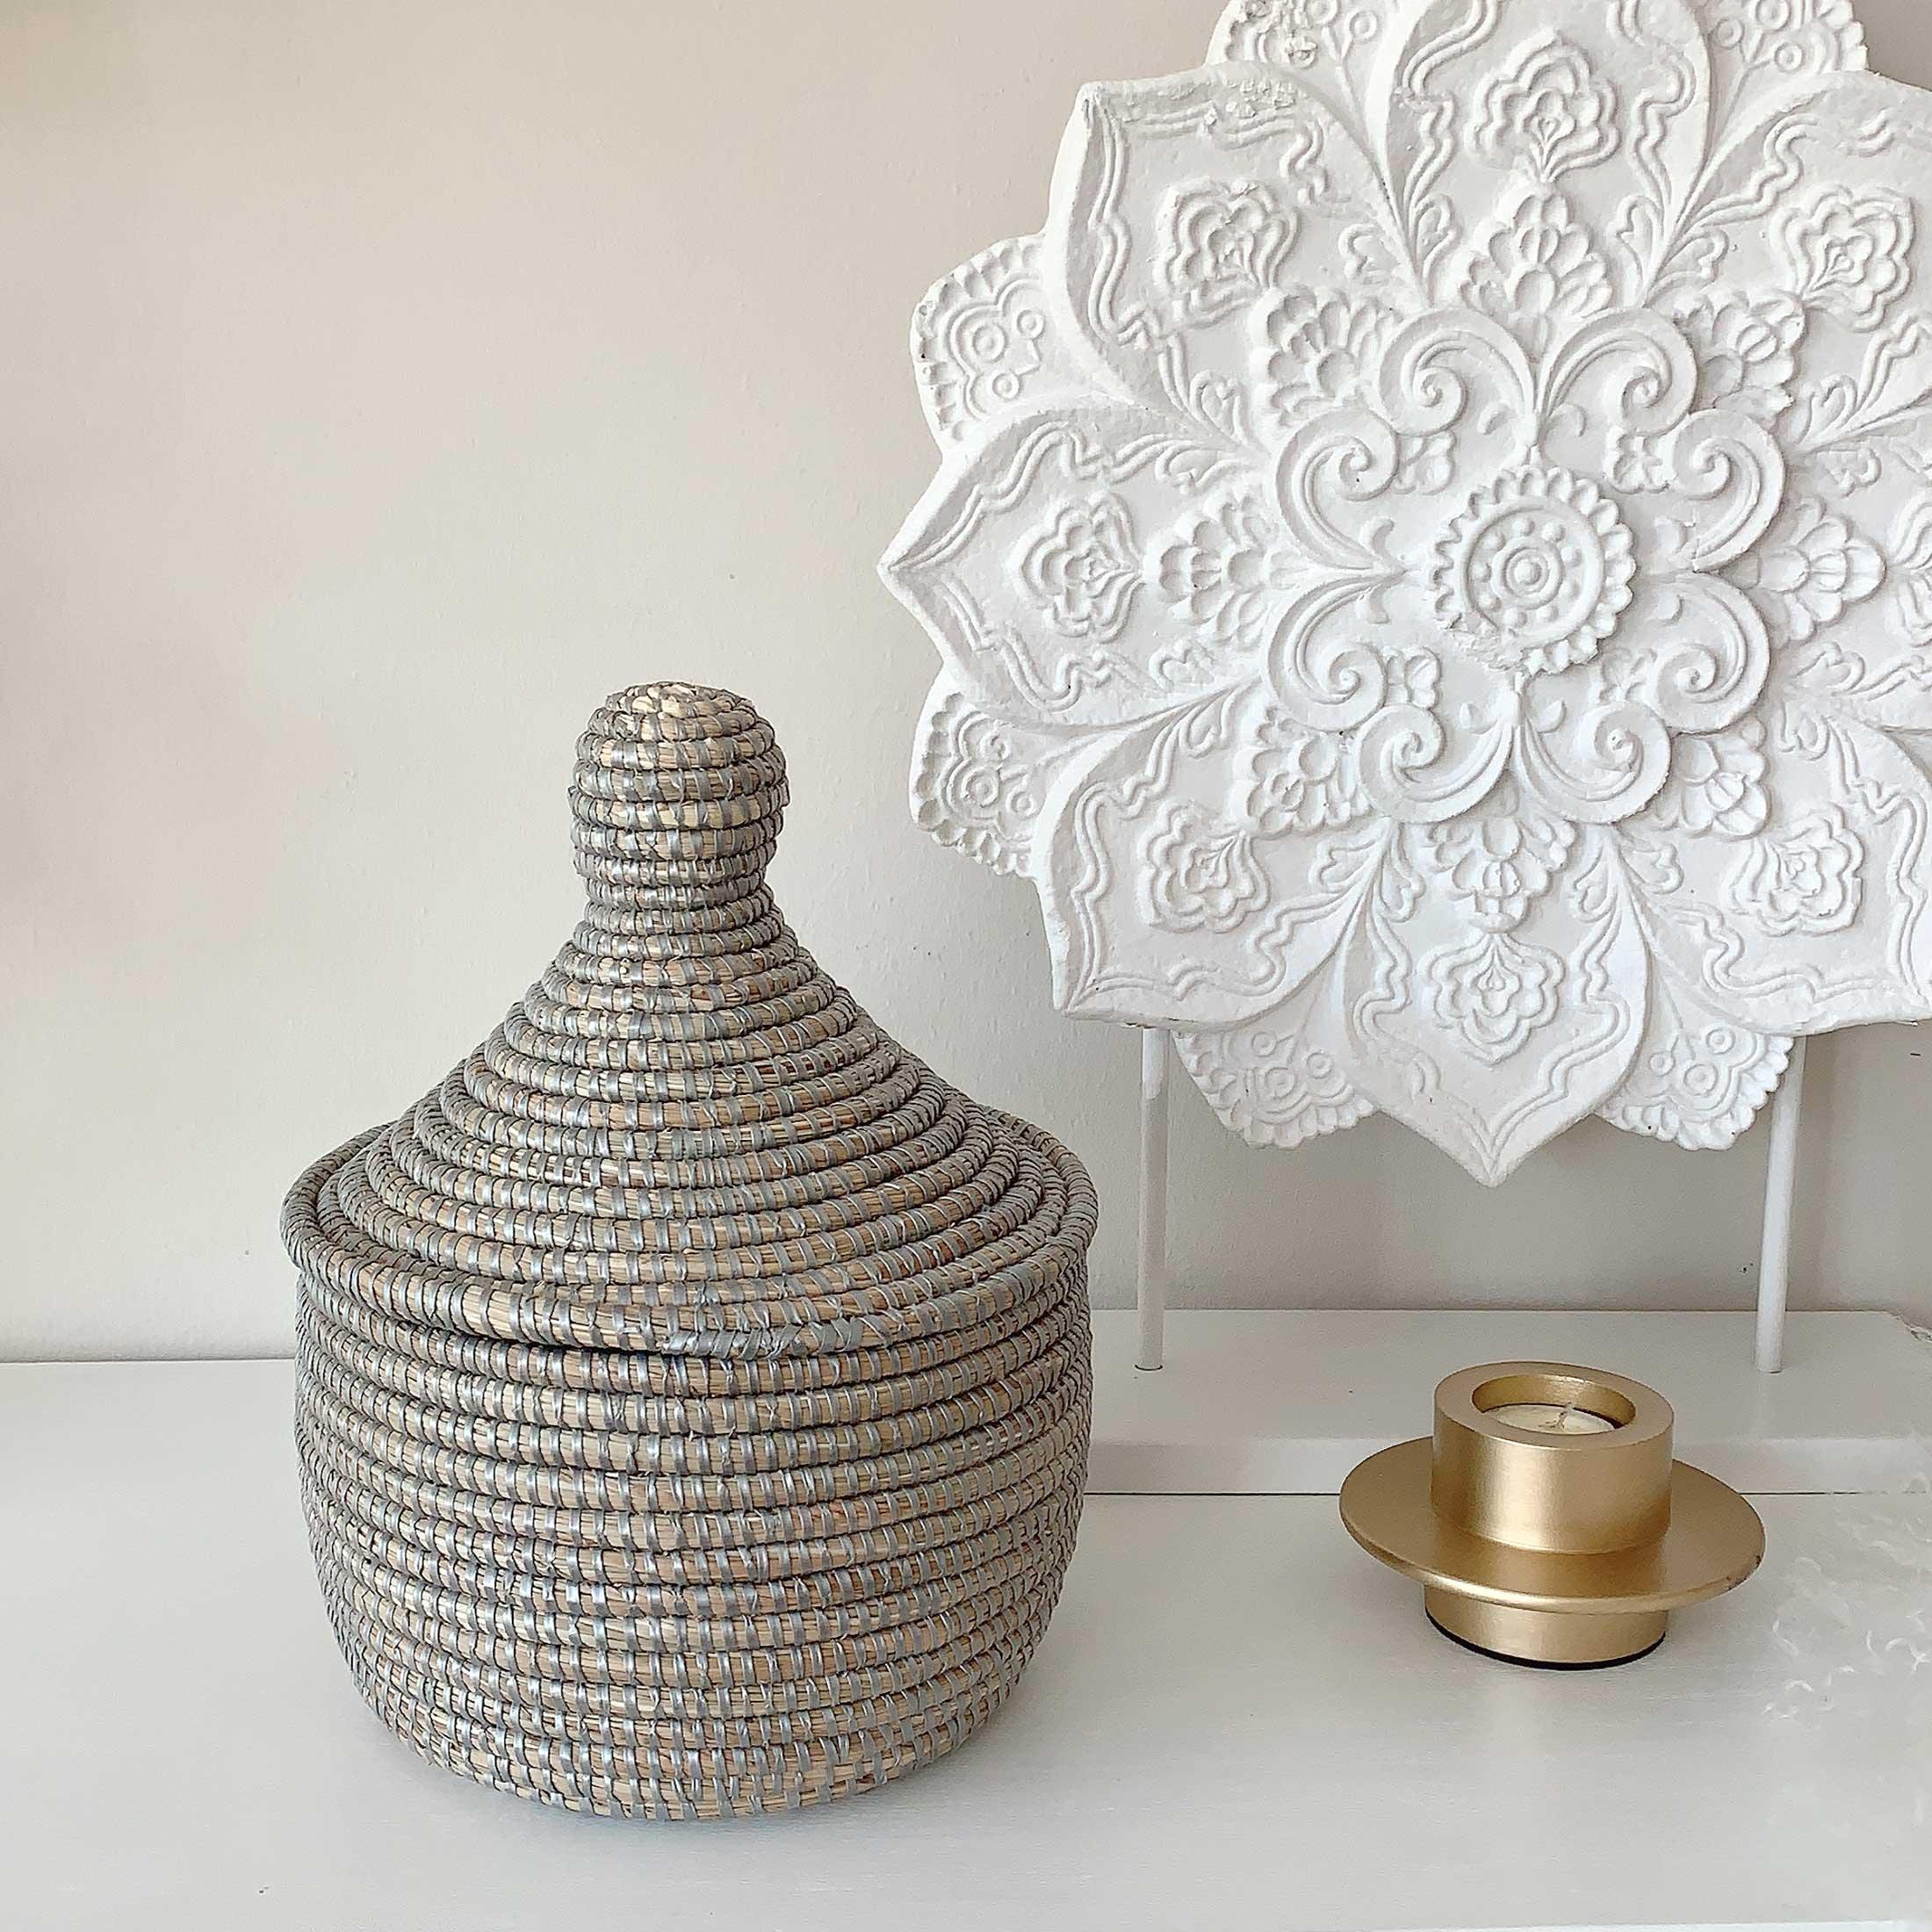 Silberner Deckelkorb Medina online kaufen ♥ Korb ✅ Nützlich & schicke Dekoration. Für Badezimmer, Flur, Wohnzimmer, Küche